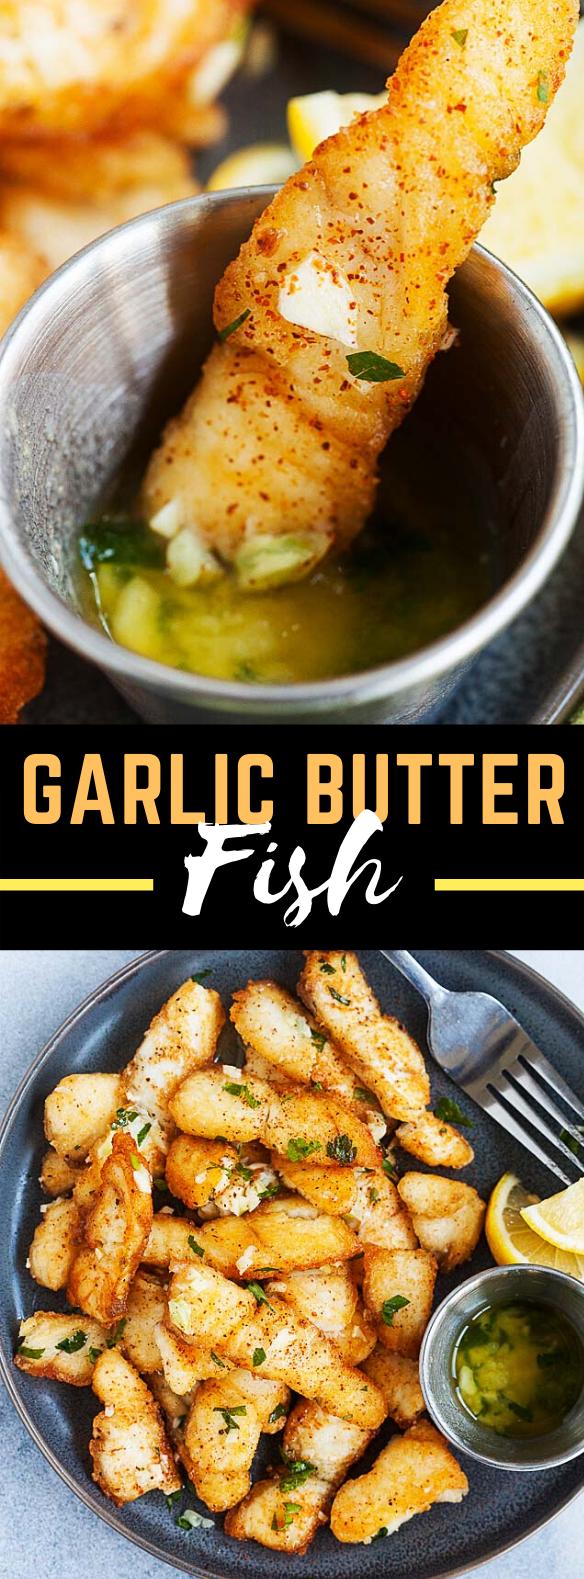 GARLIC BUTTER FISH #dinner #appetizers